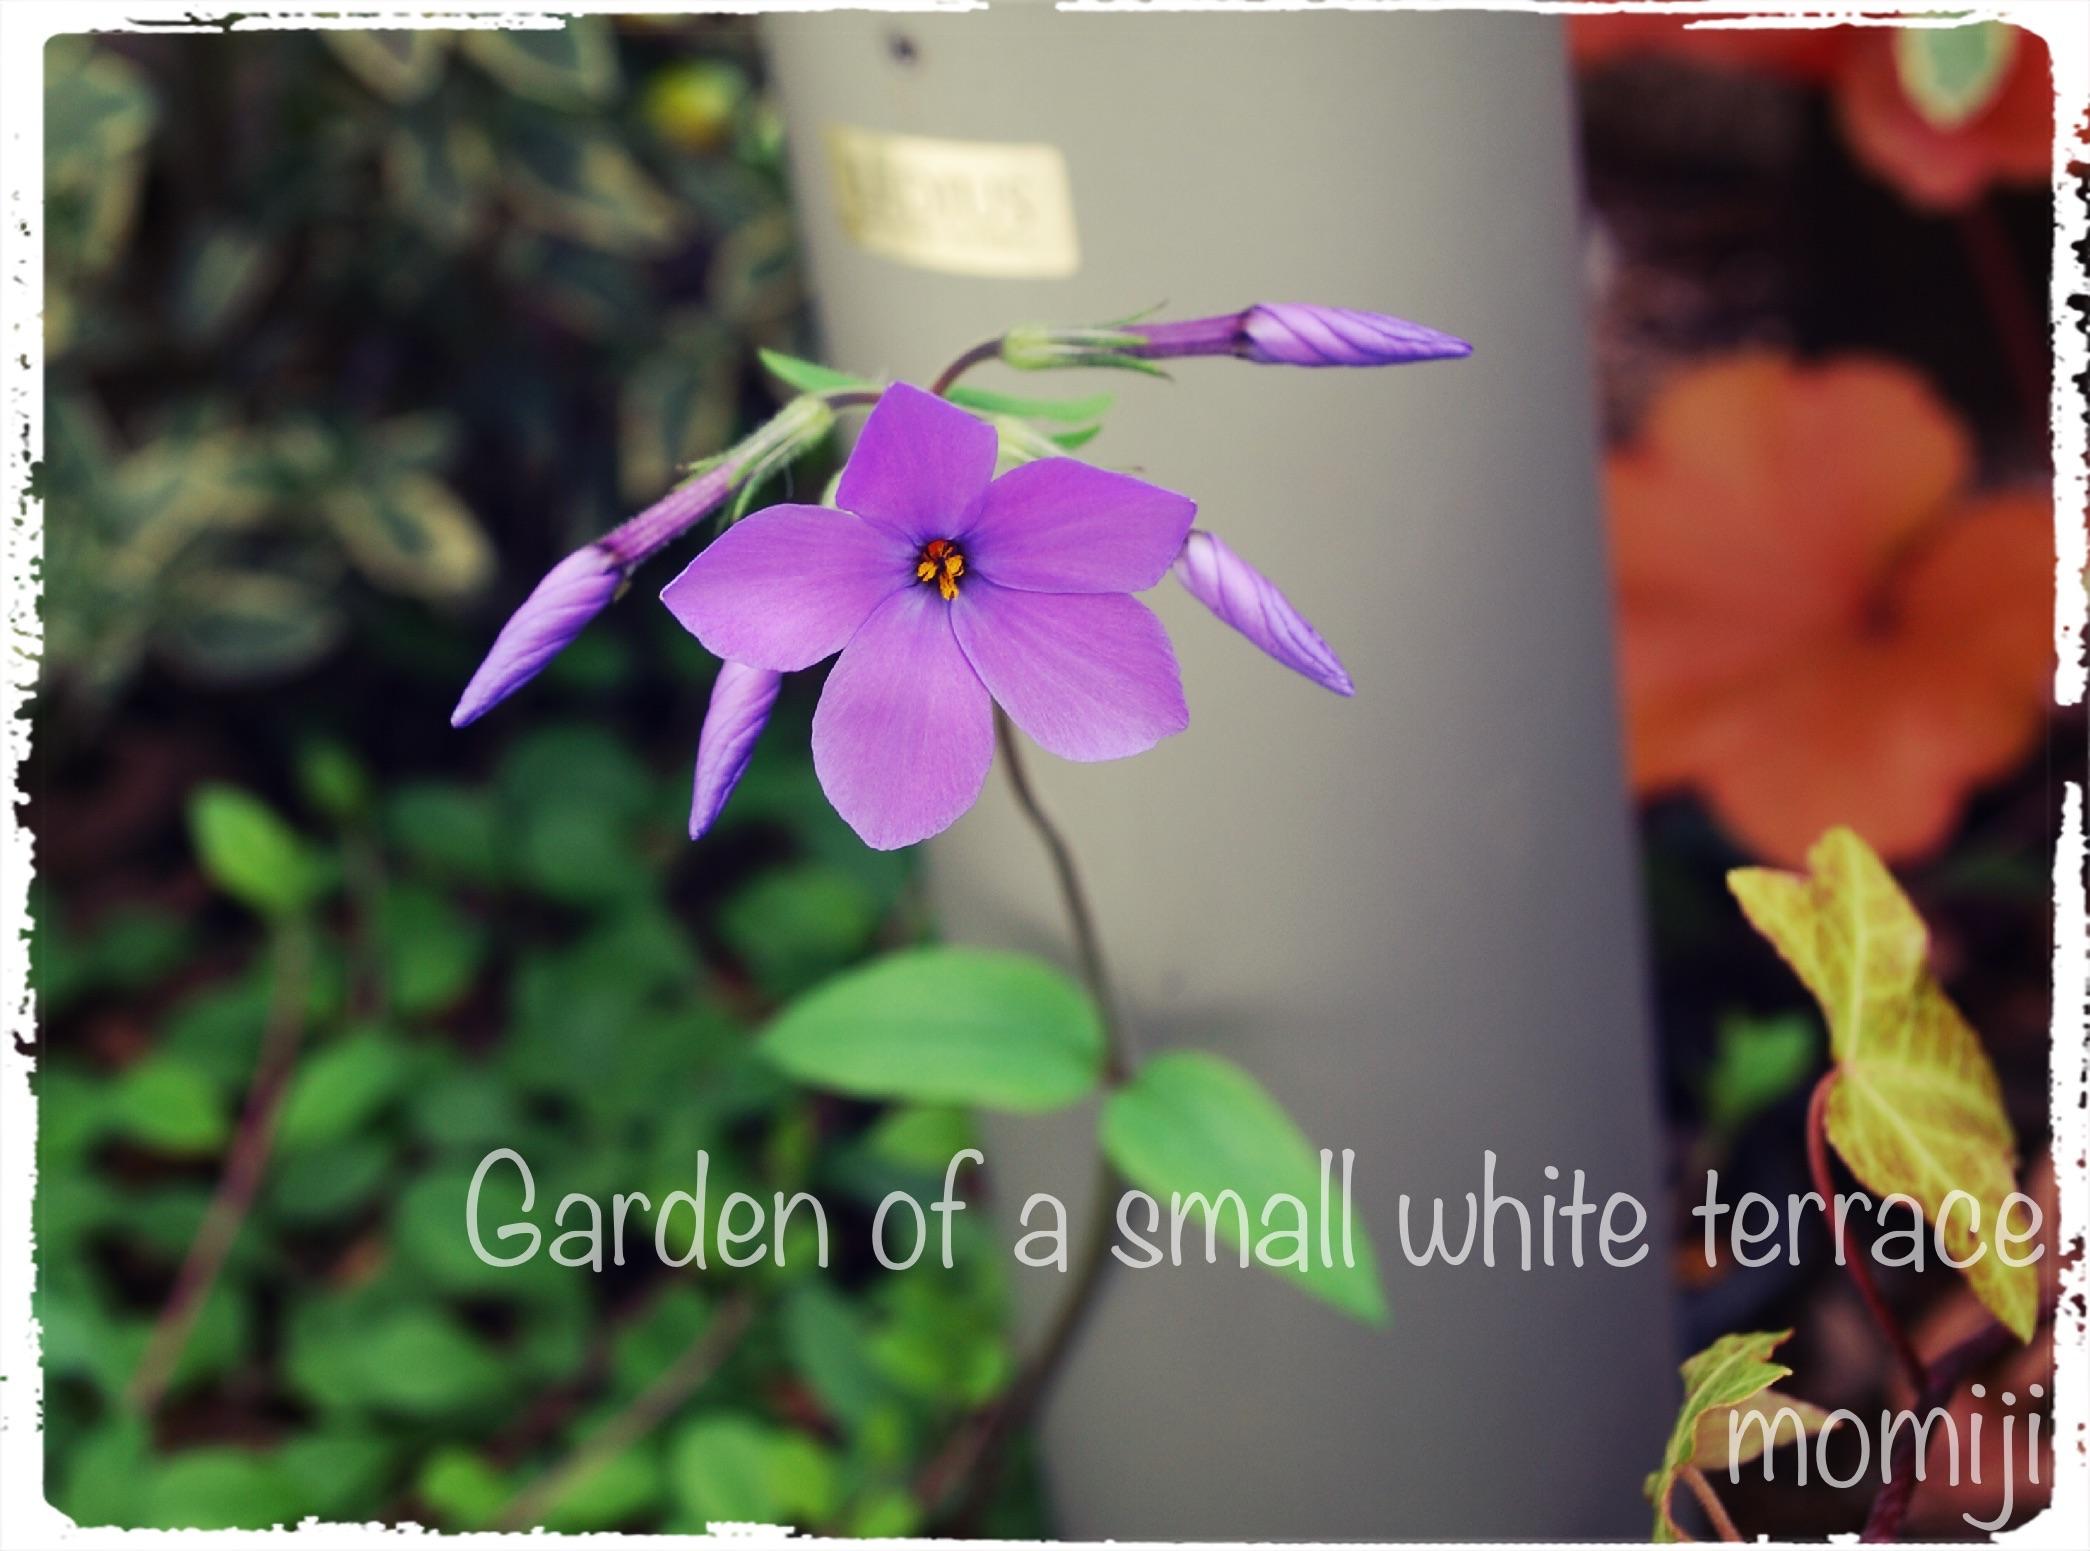 ツルハナシノブの開花